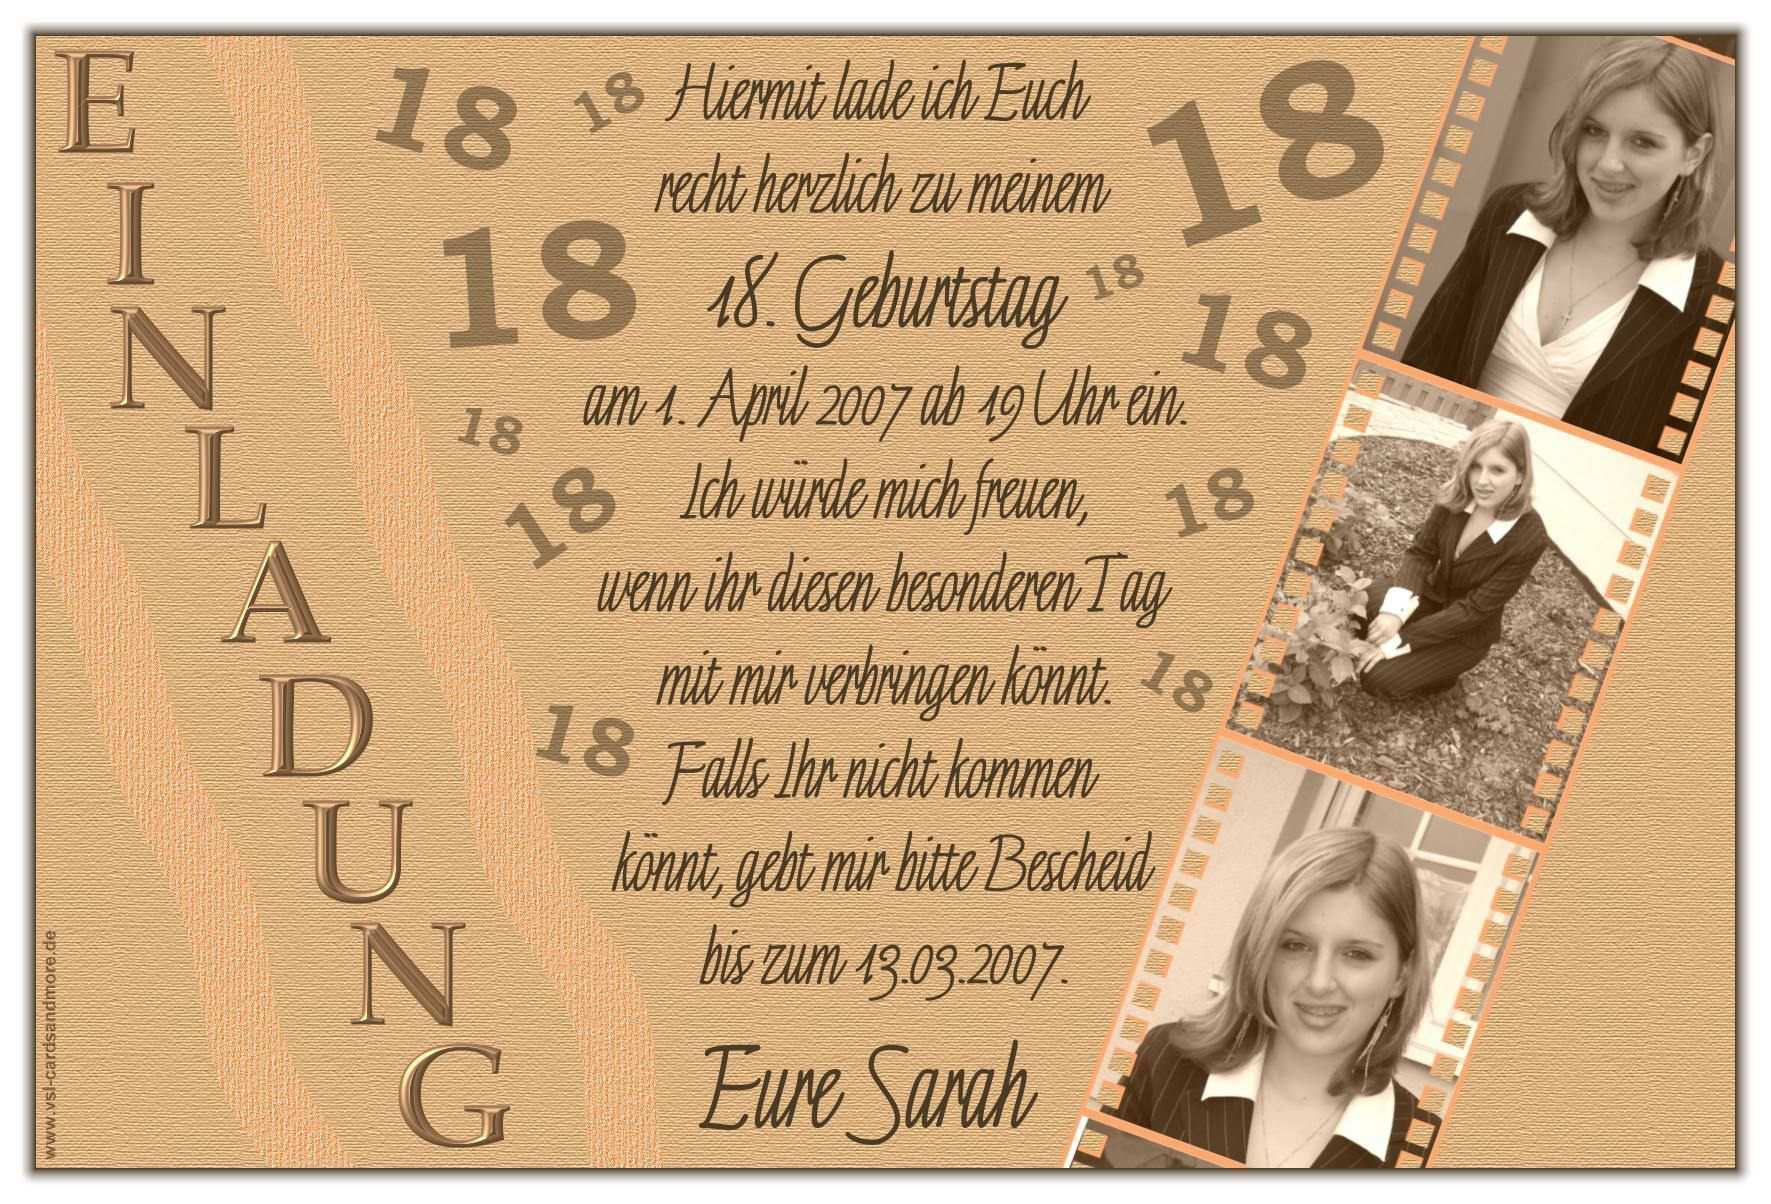 18 Geburtstag Einladung Vorlagen Kostenlos Geburtstag Einladung Vorlage Einladungskarten Geburtstag Selber Basteln Einladung Geburtstag